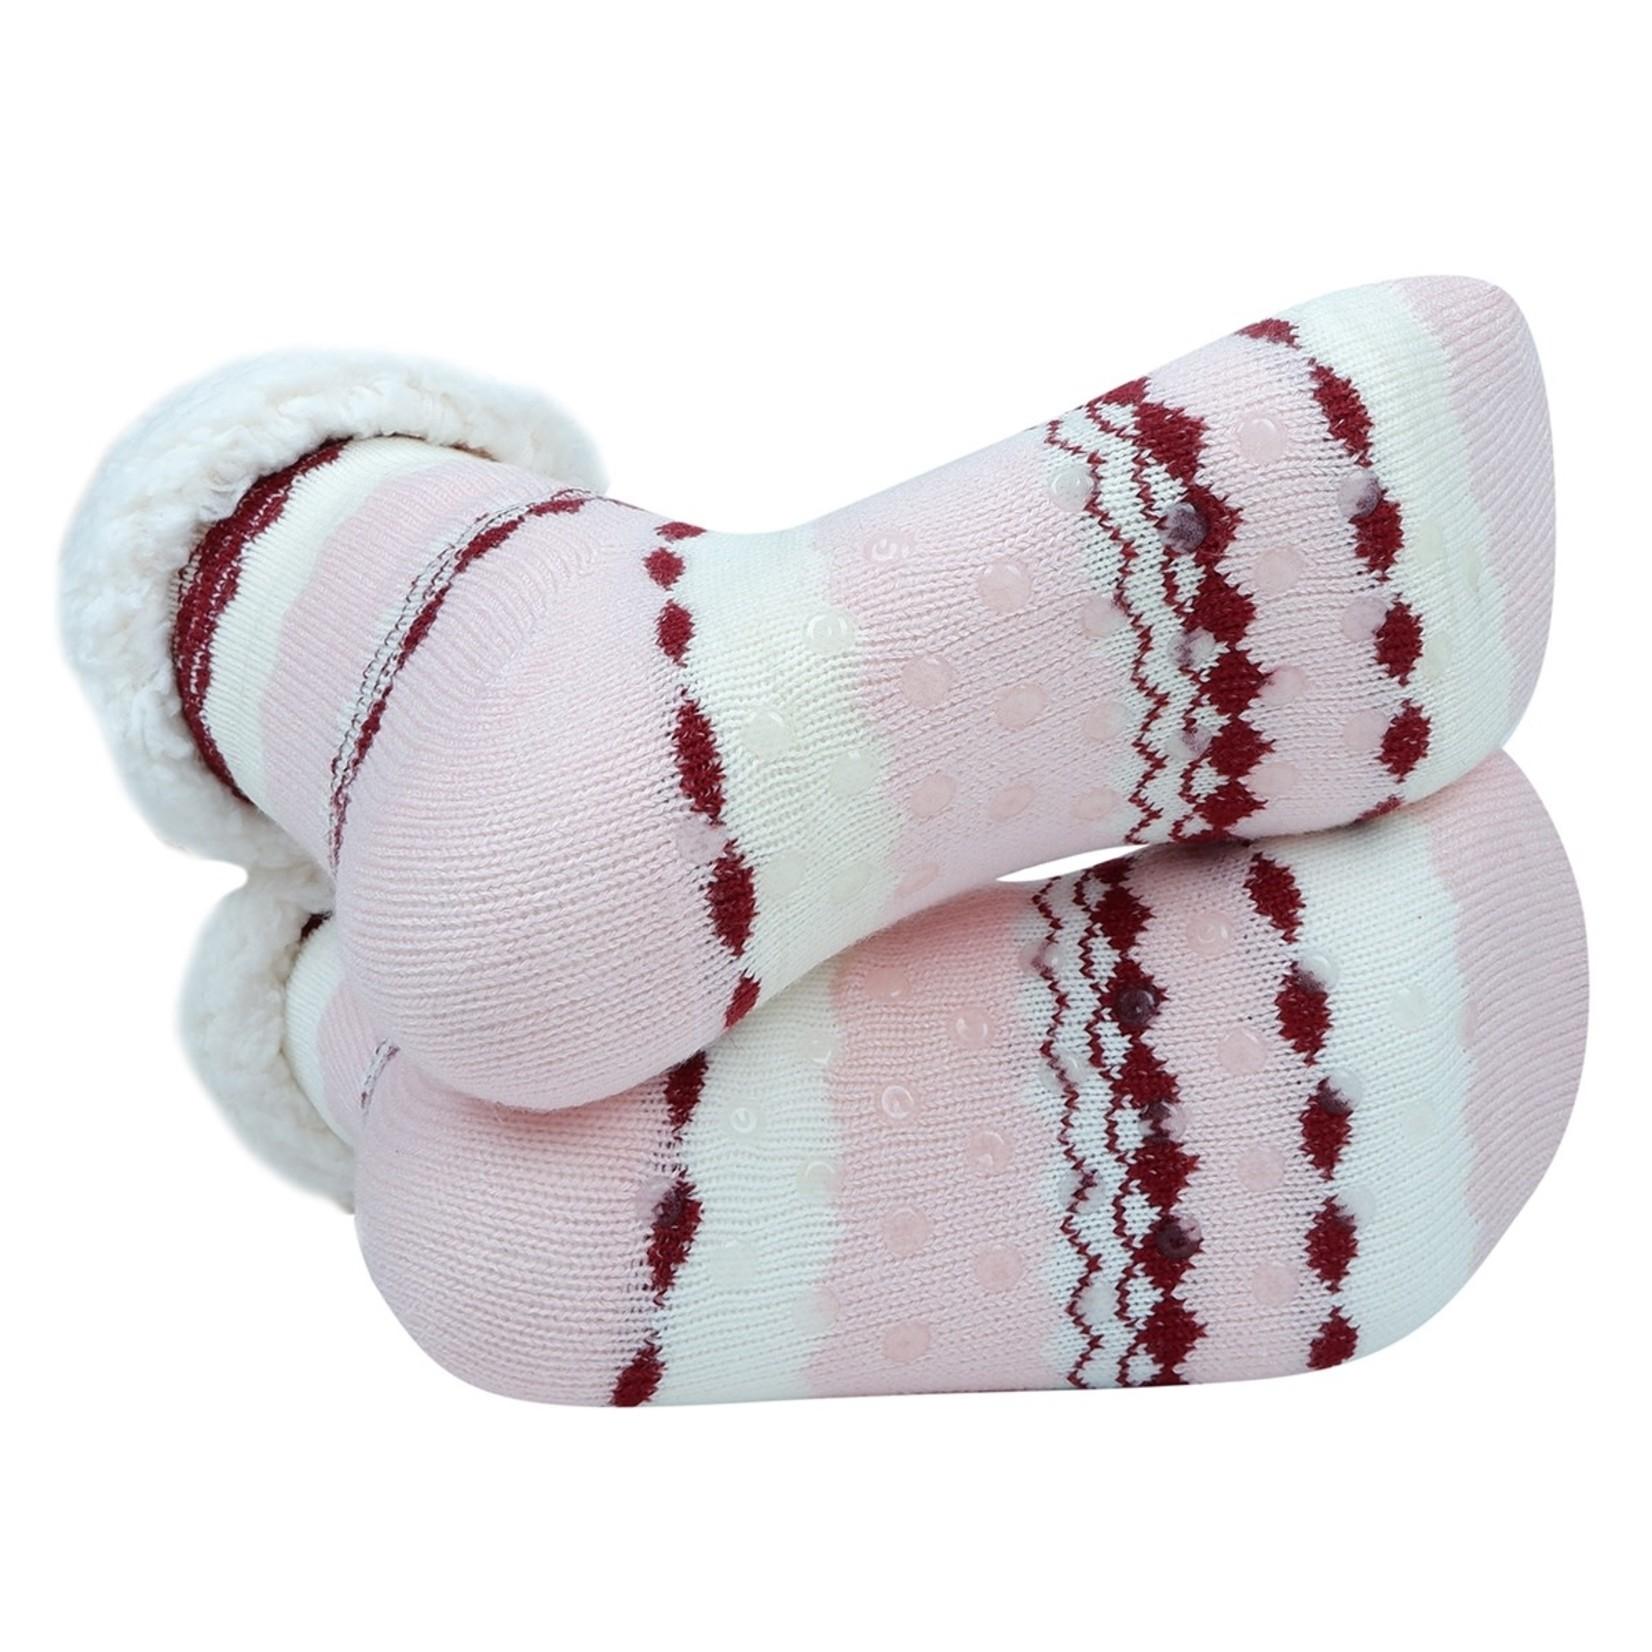 Selini Women's sherpa slipper socks- pink